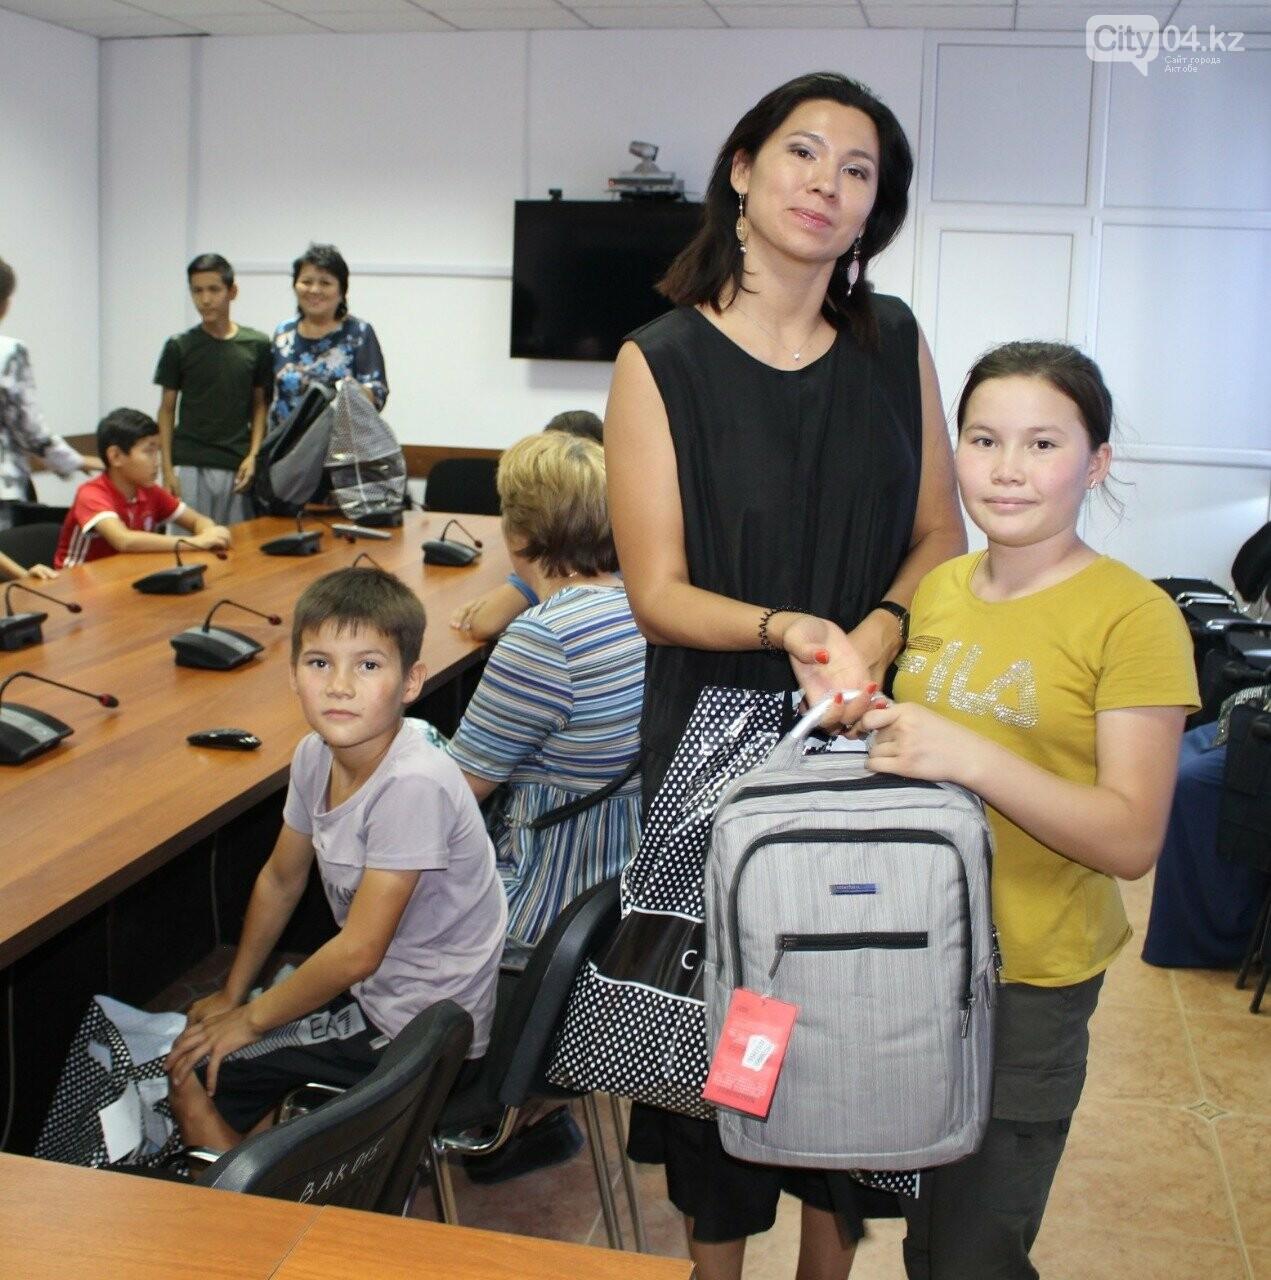 В Актобе Совет деловых женщин помог детям собраться в школу, фото-1